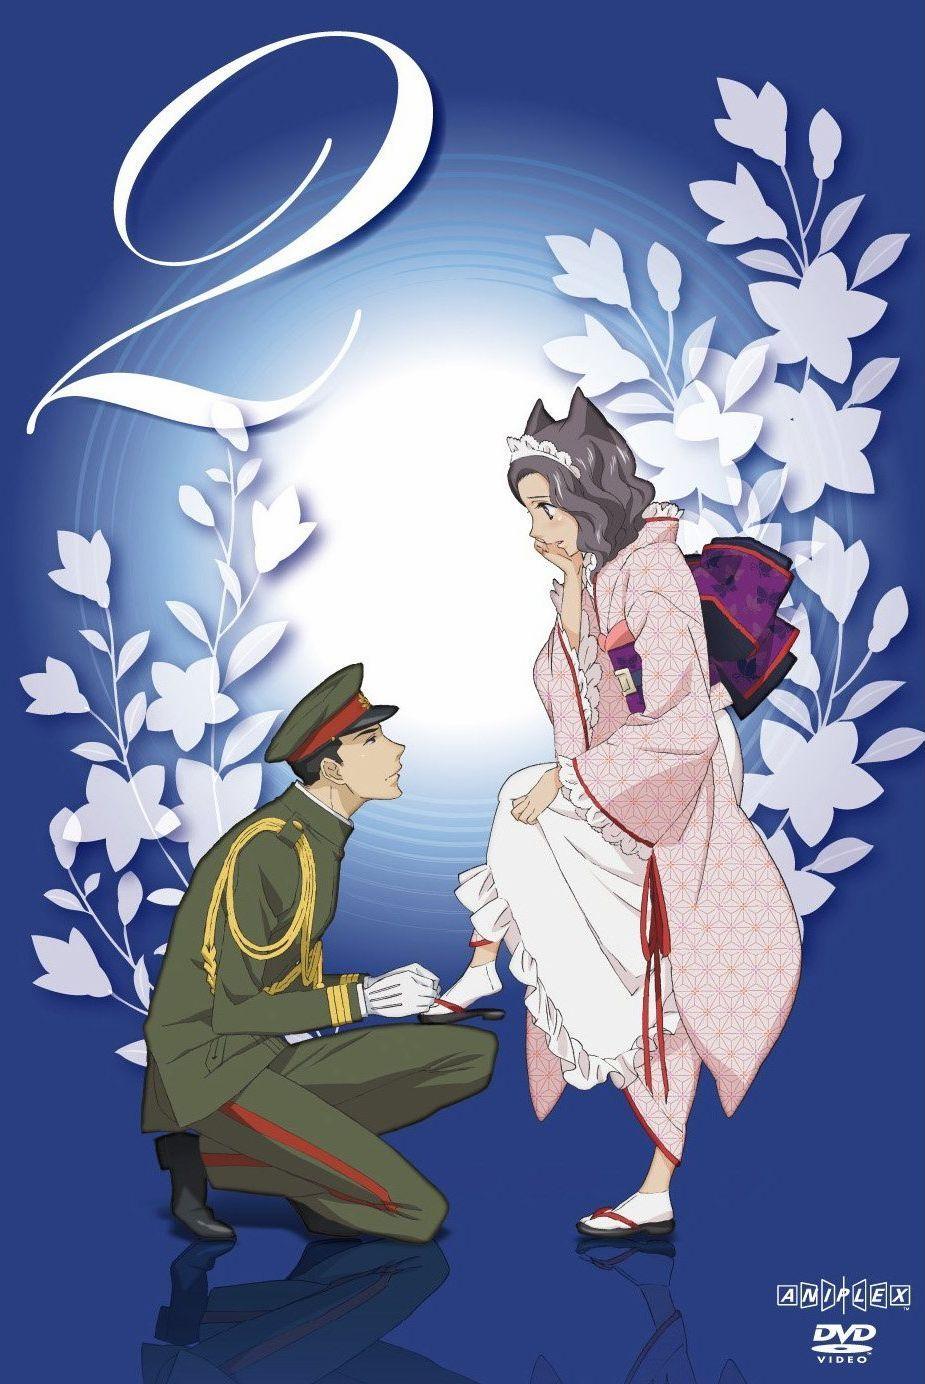 Otome Youkai Zakuro 796925 Romantic Anime Anime Anime Shows